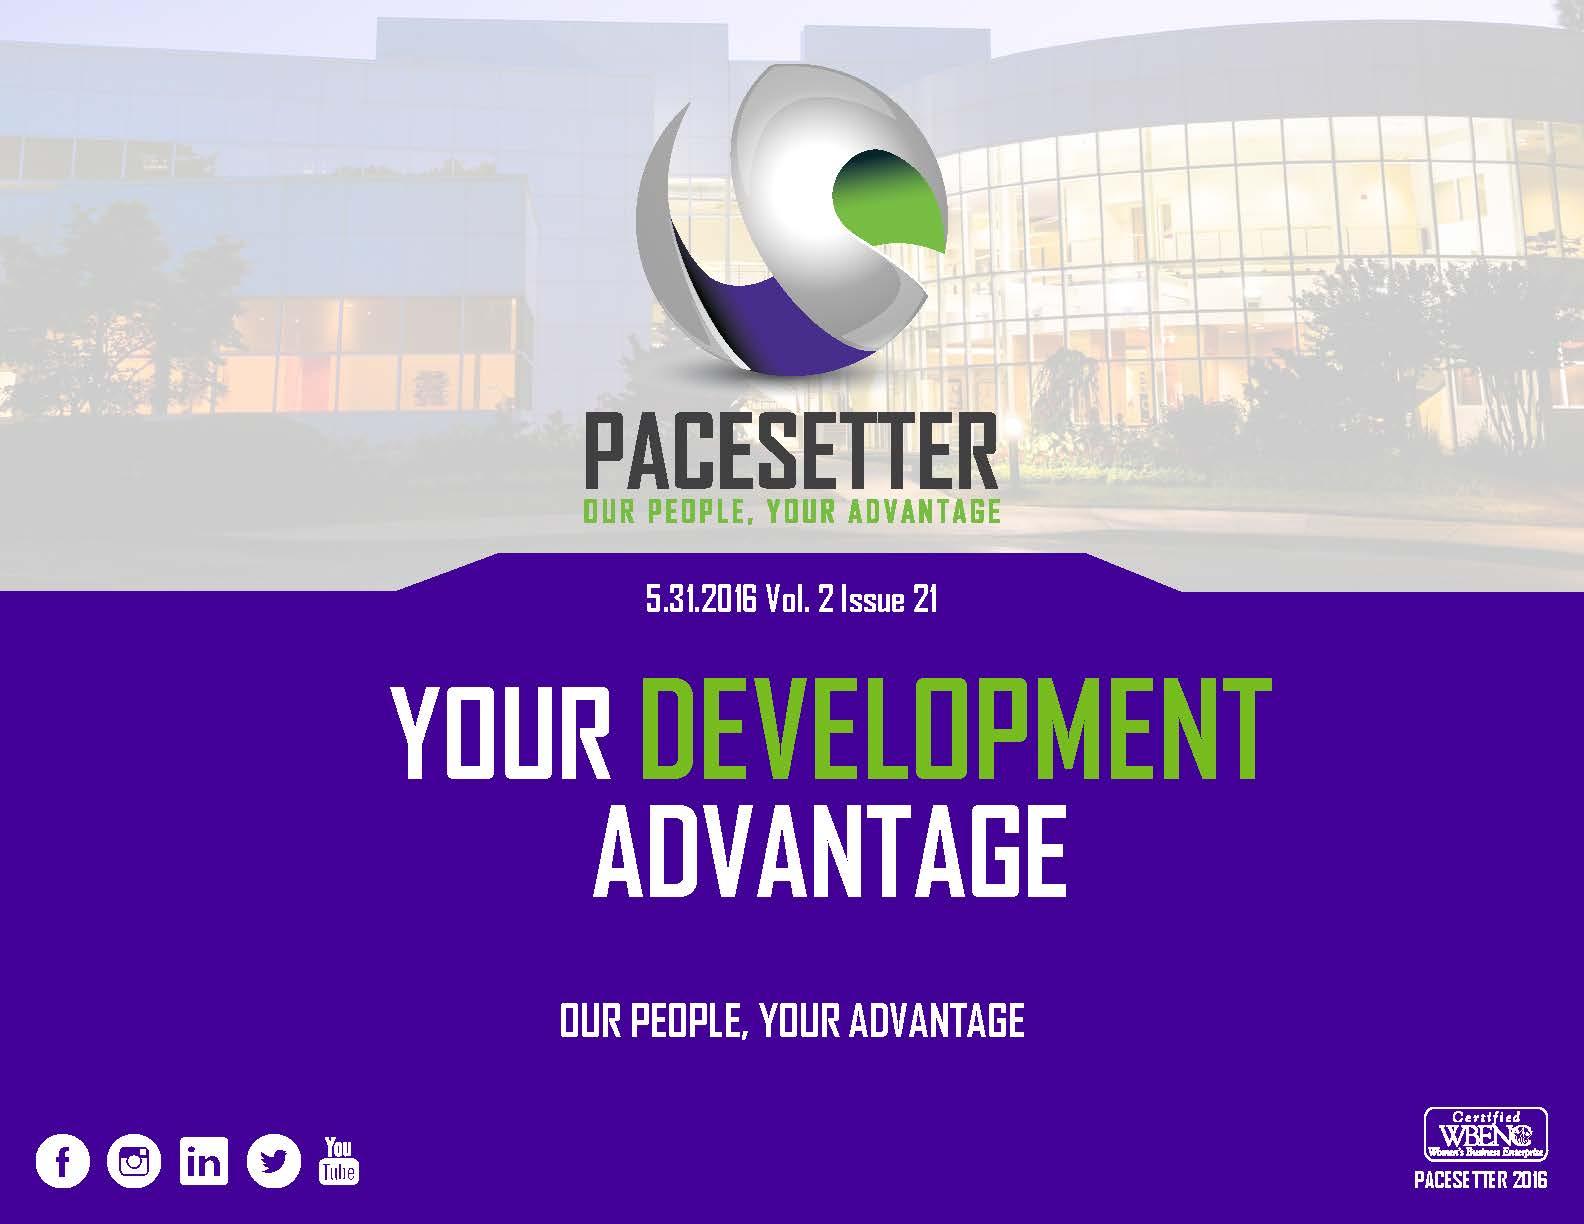 Your Development Advantage